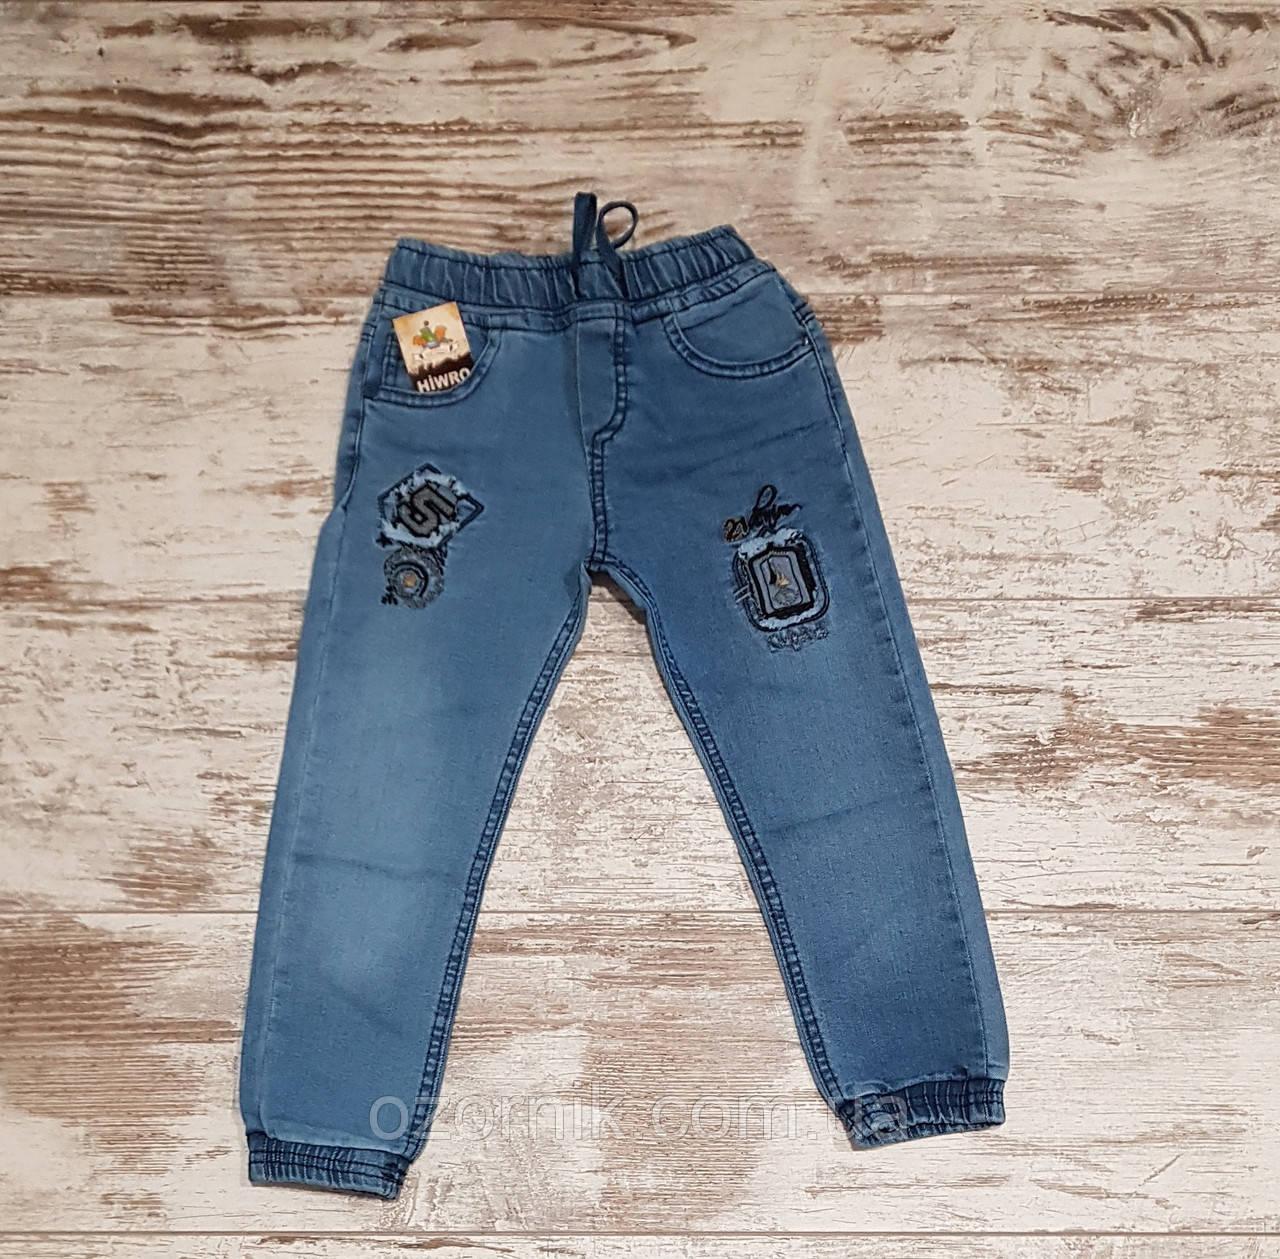 bf5d1e99c9d Джинсы модные стрейч на резиночках для мальчиков с вышивкой (5-8 лет) Турция